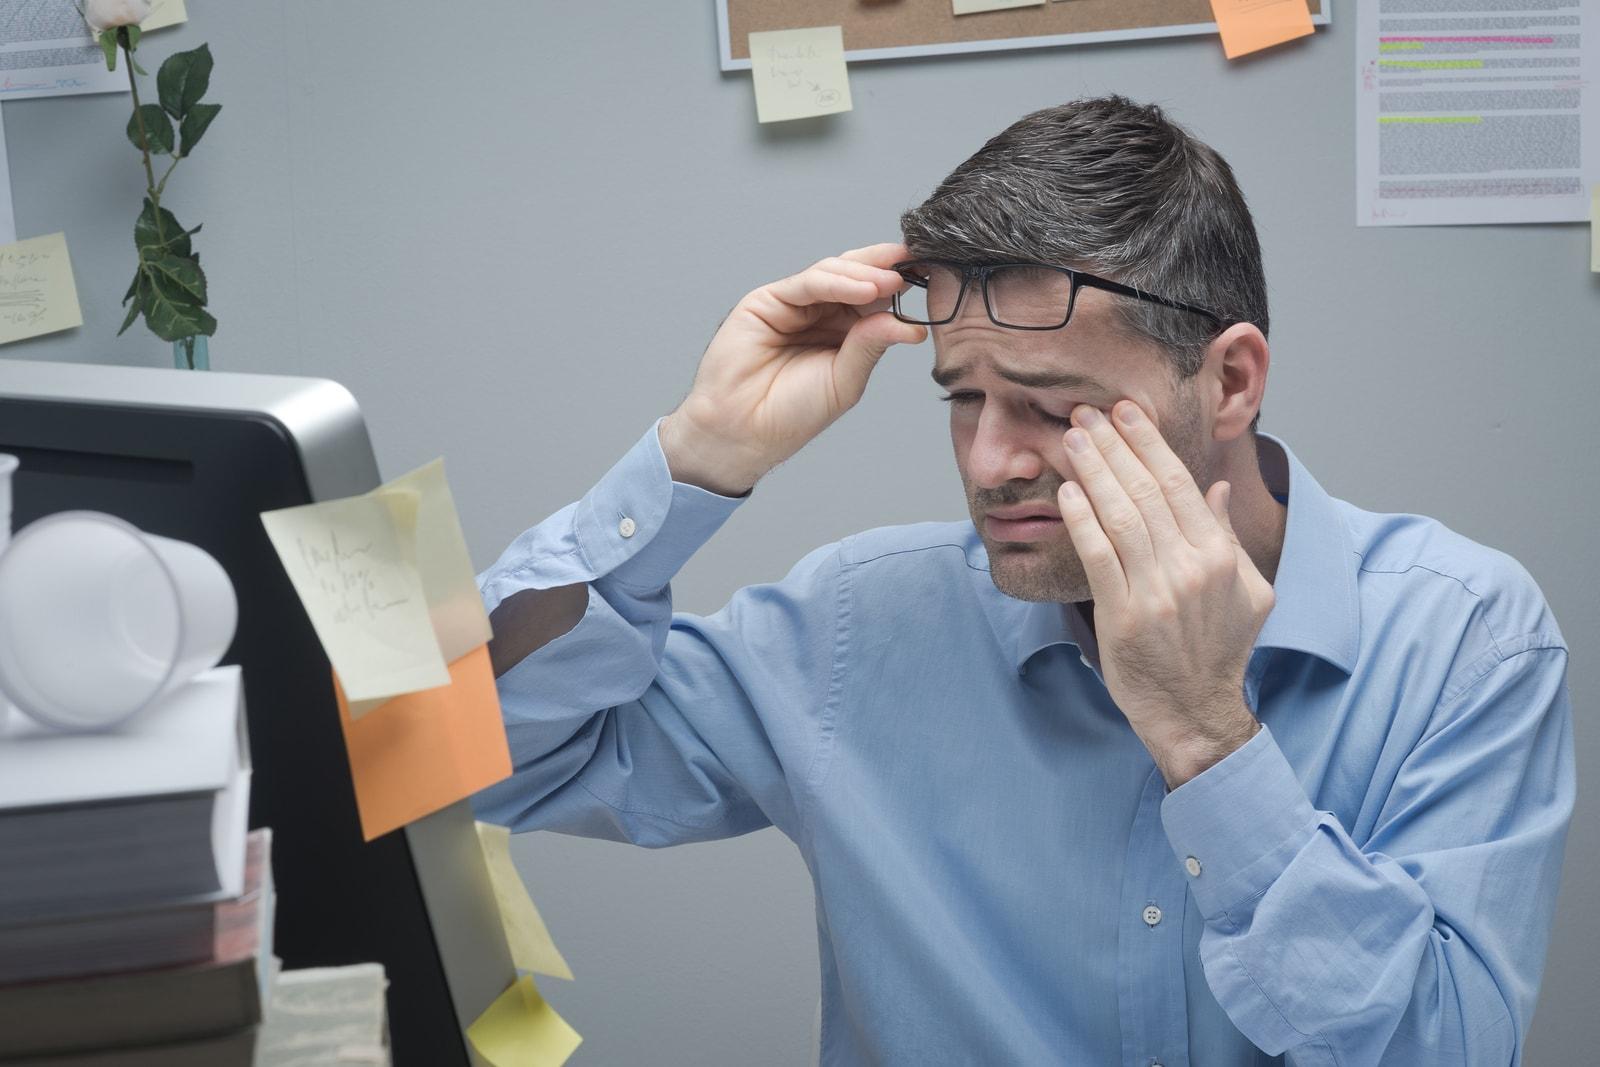 Синдром компьютерных глаз